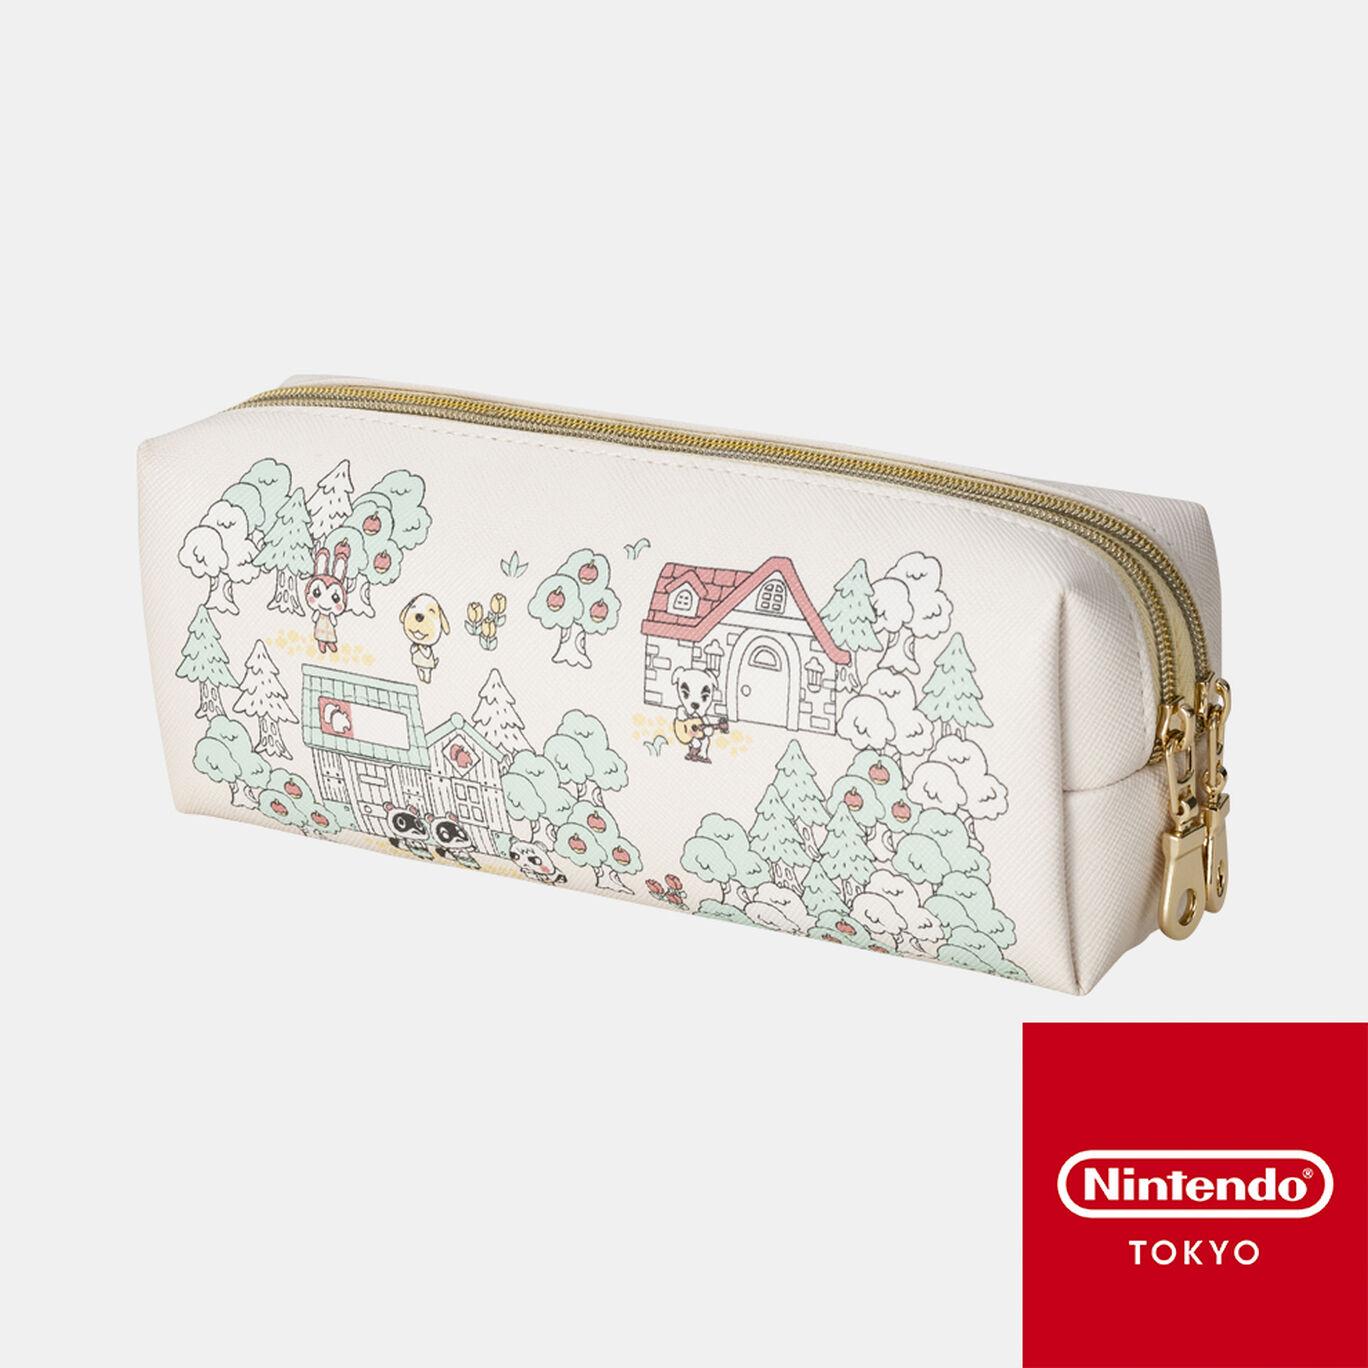 Wファスナーポーチ どうぶつの森【Nintendo TOKYO取り扱い商品】